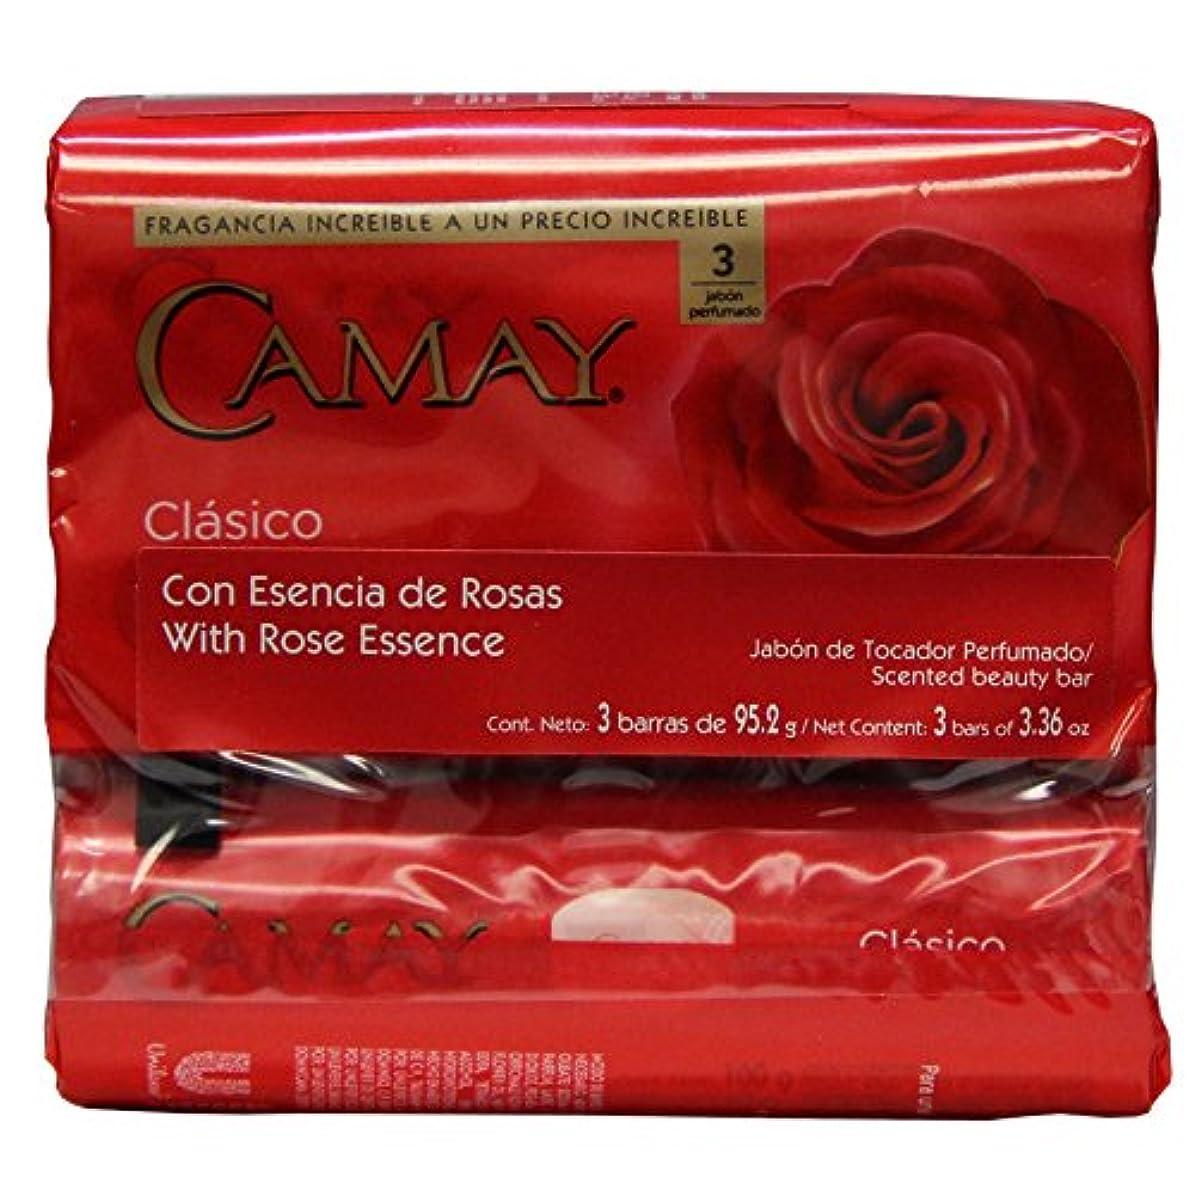 外出哲学ママCamay Softly Scented Bath Bar Classic Soap 125 G / 4.5 Oz Each 3 Count 12 Bars Total by Camay